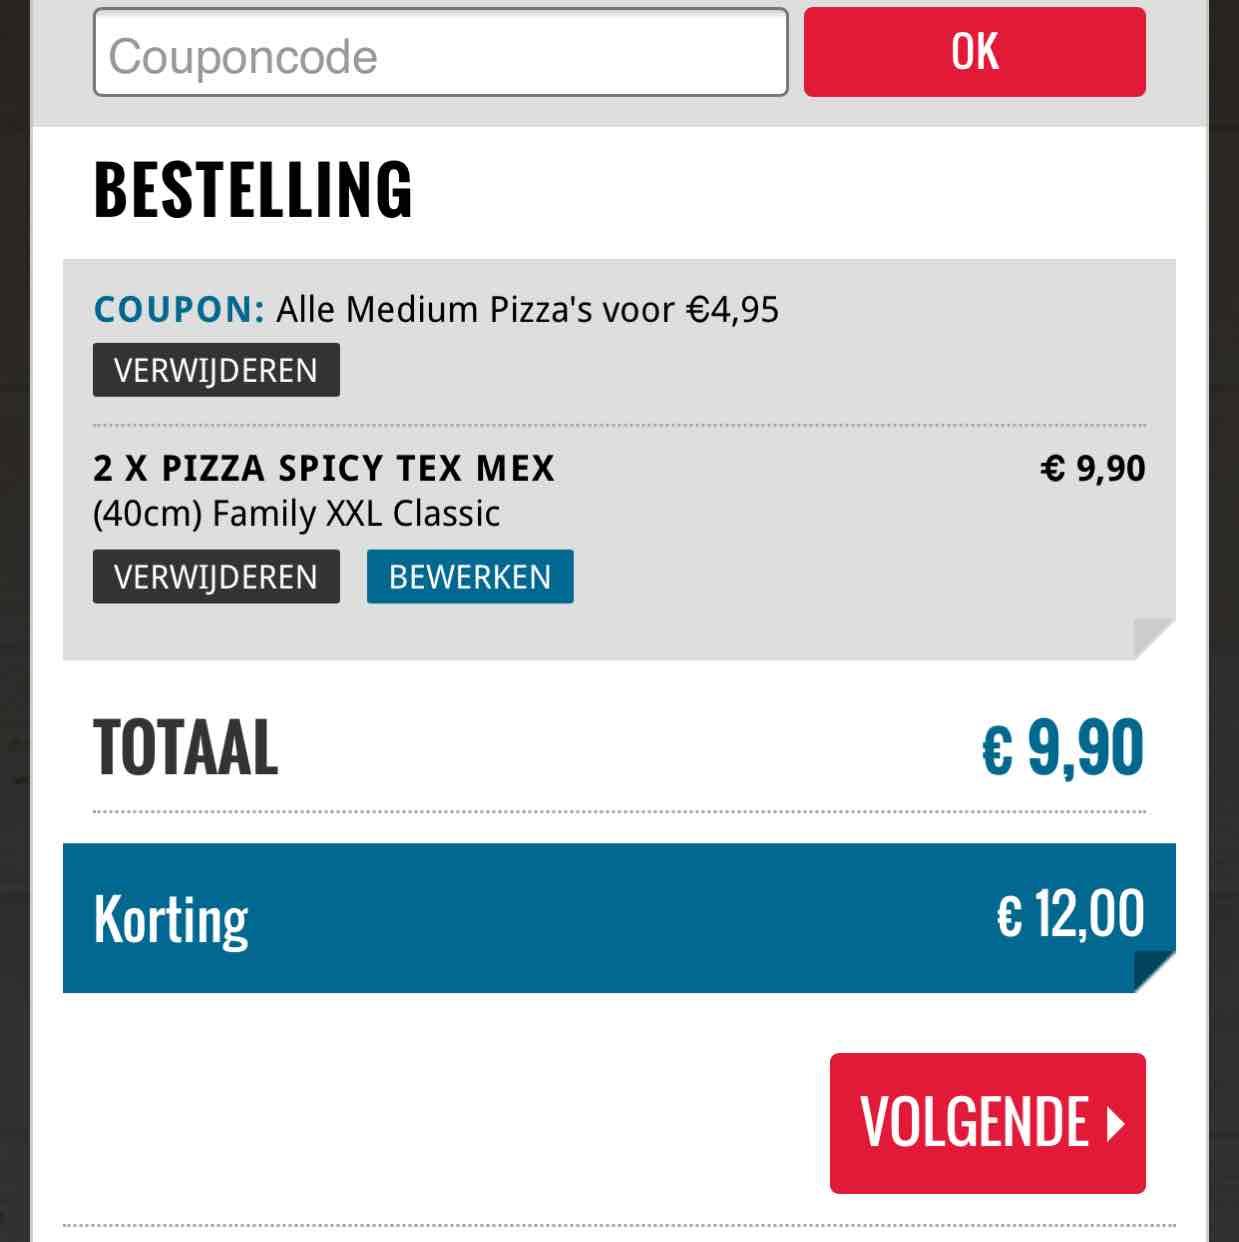 Dominos spicy tex mex pizza